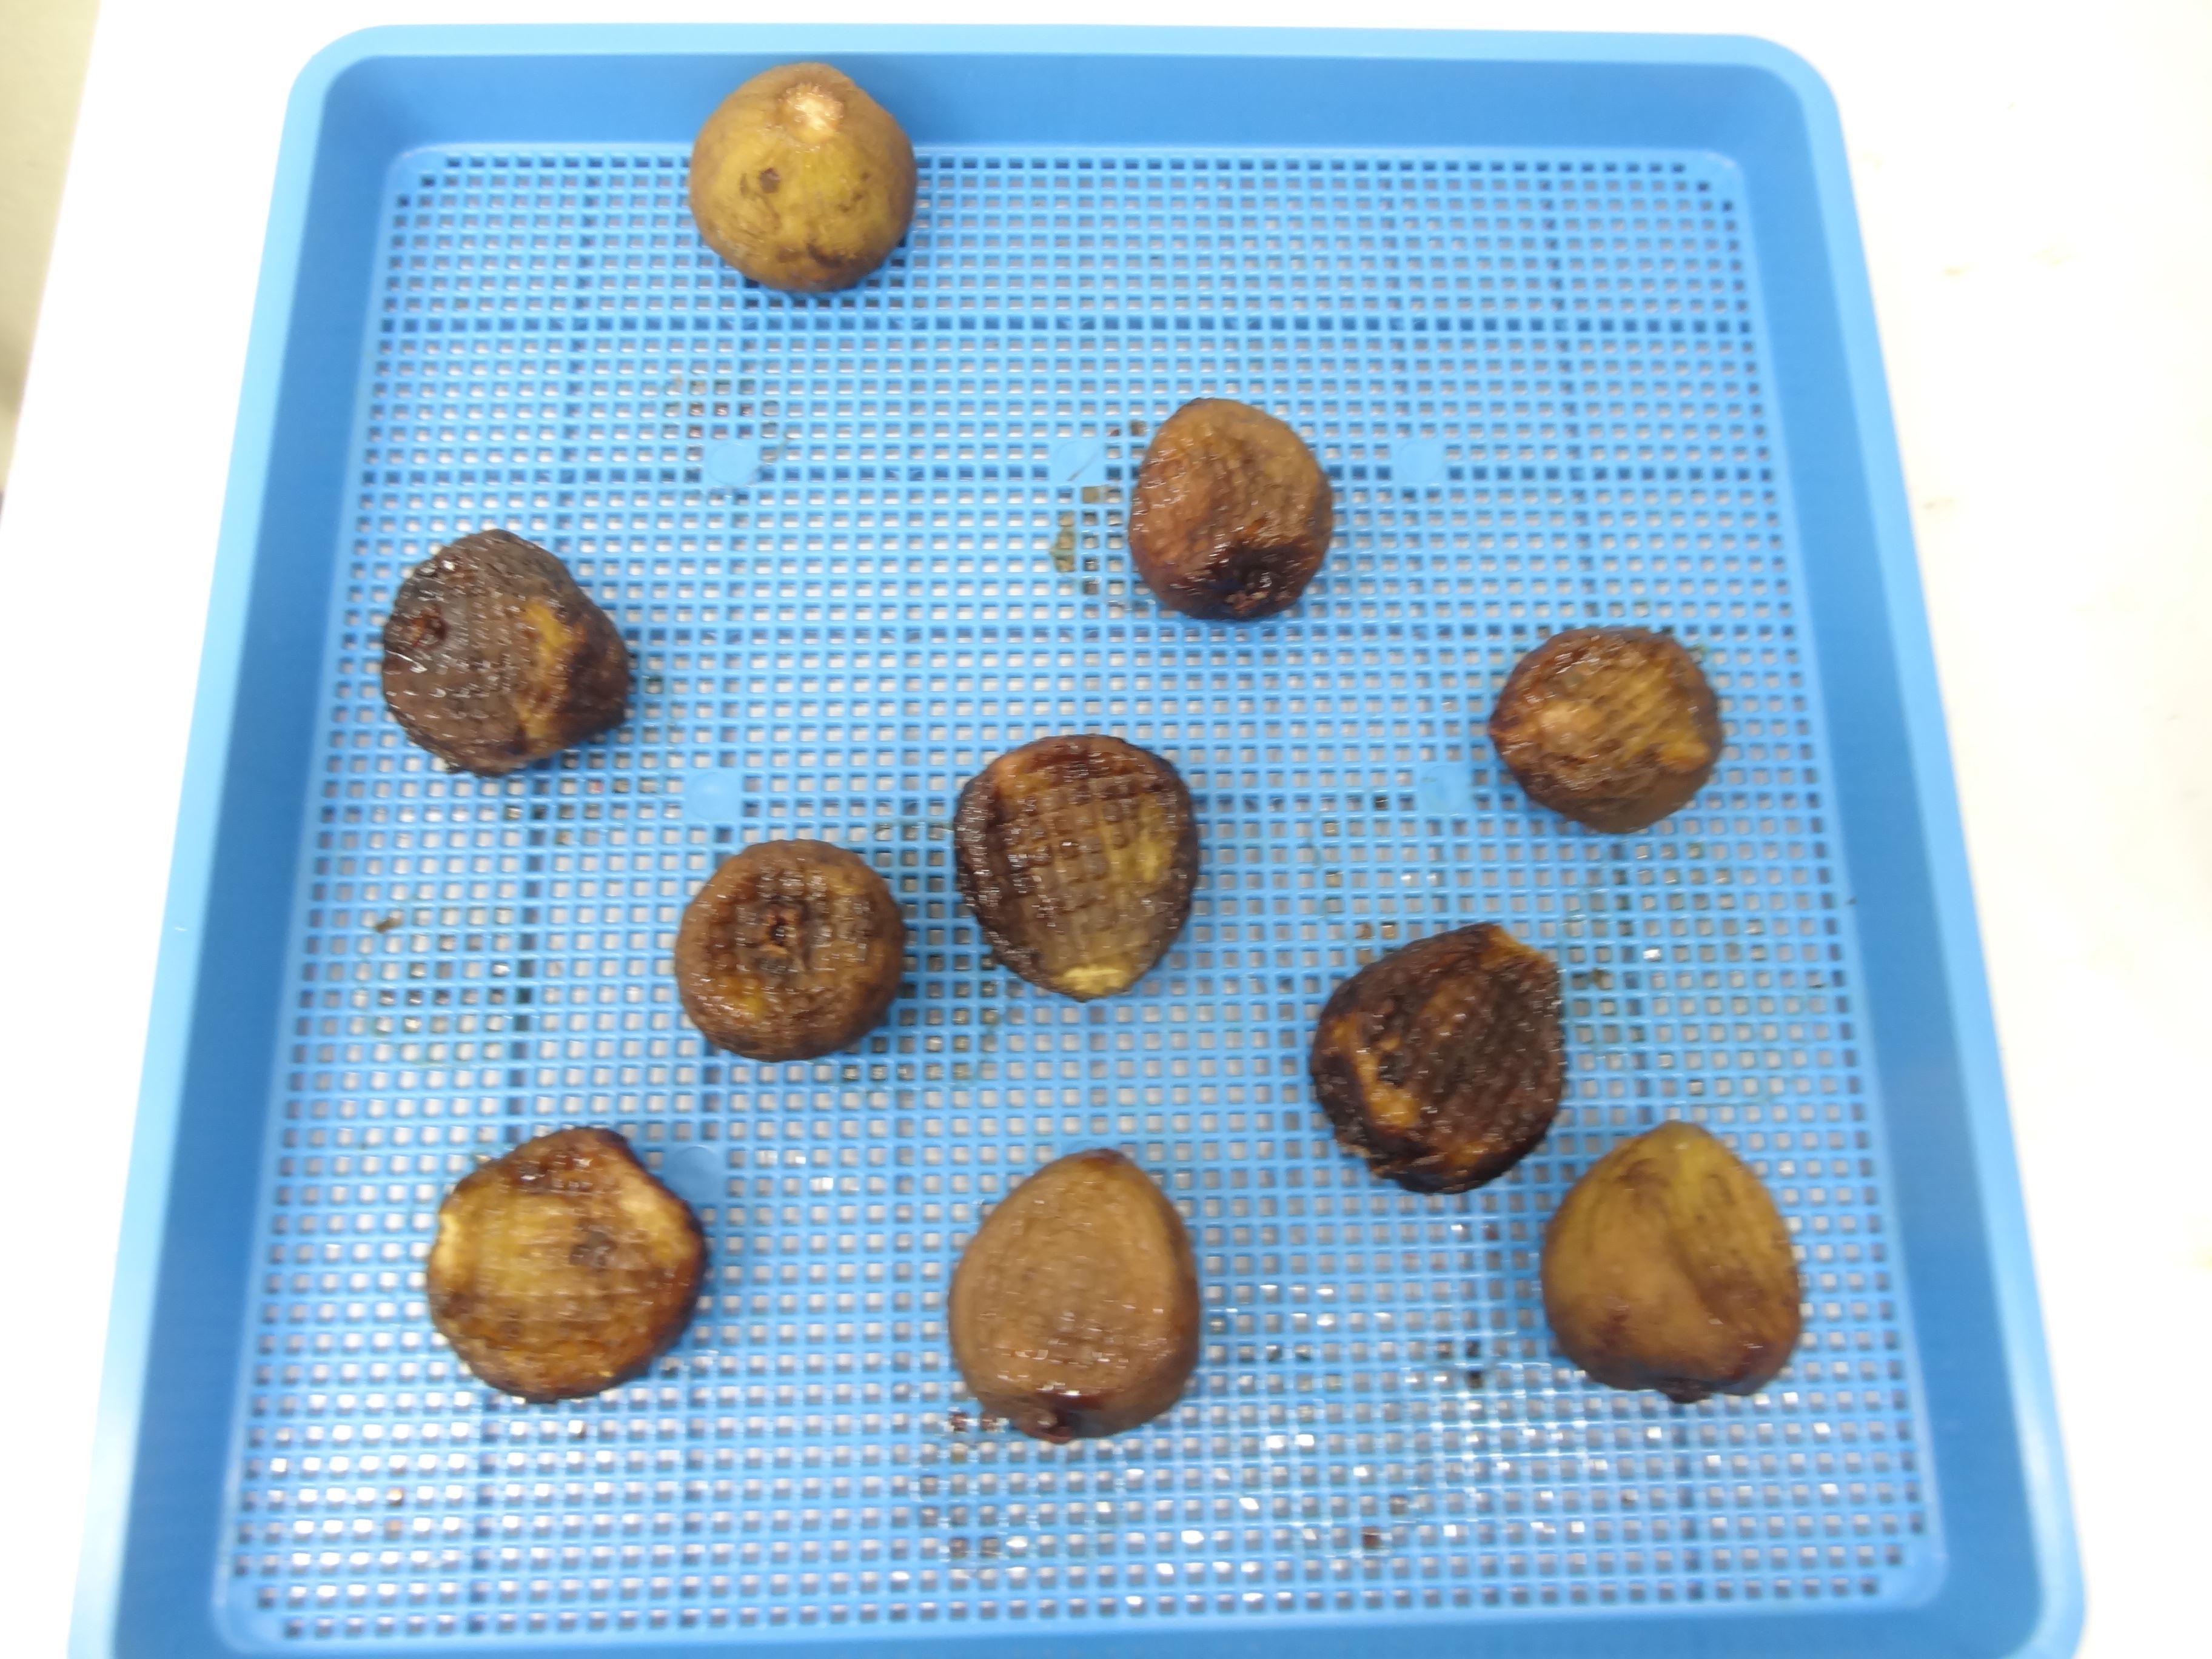 いちじく 6時間乾燥後 果物乾燥機プチミニⅡ